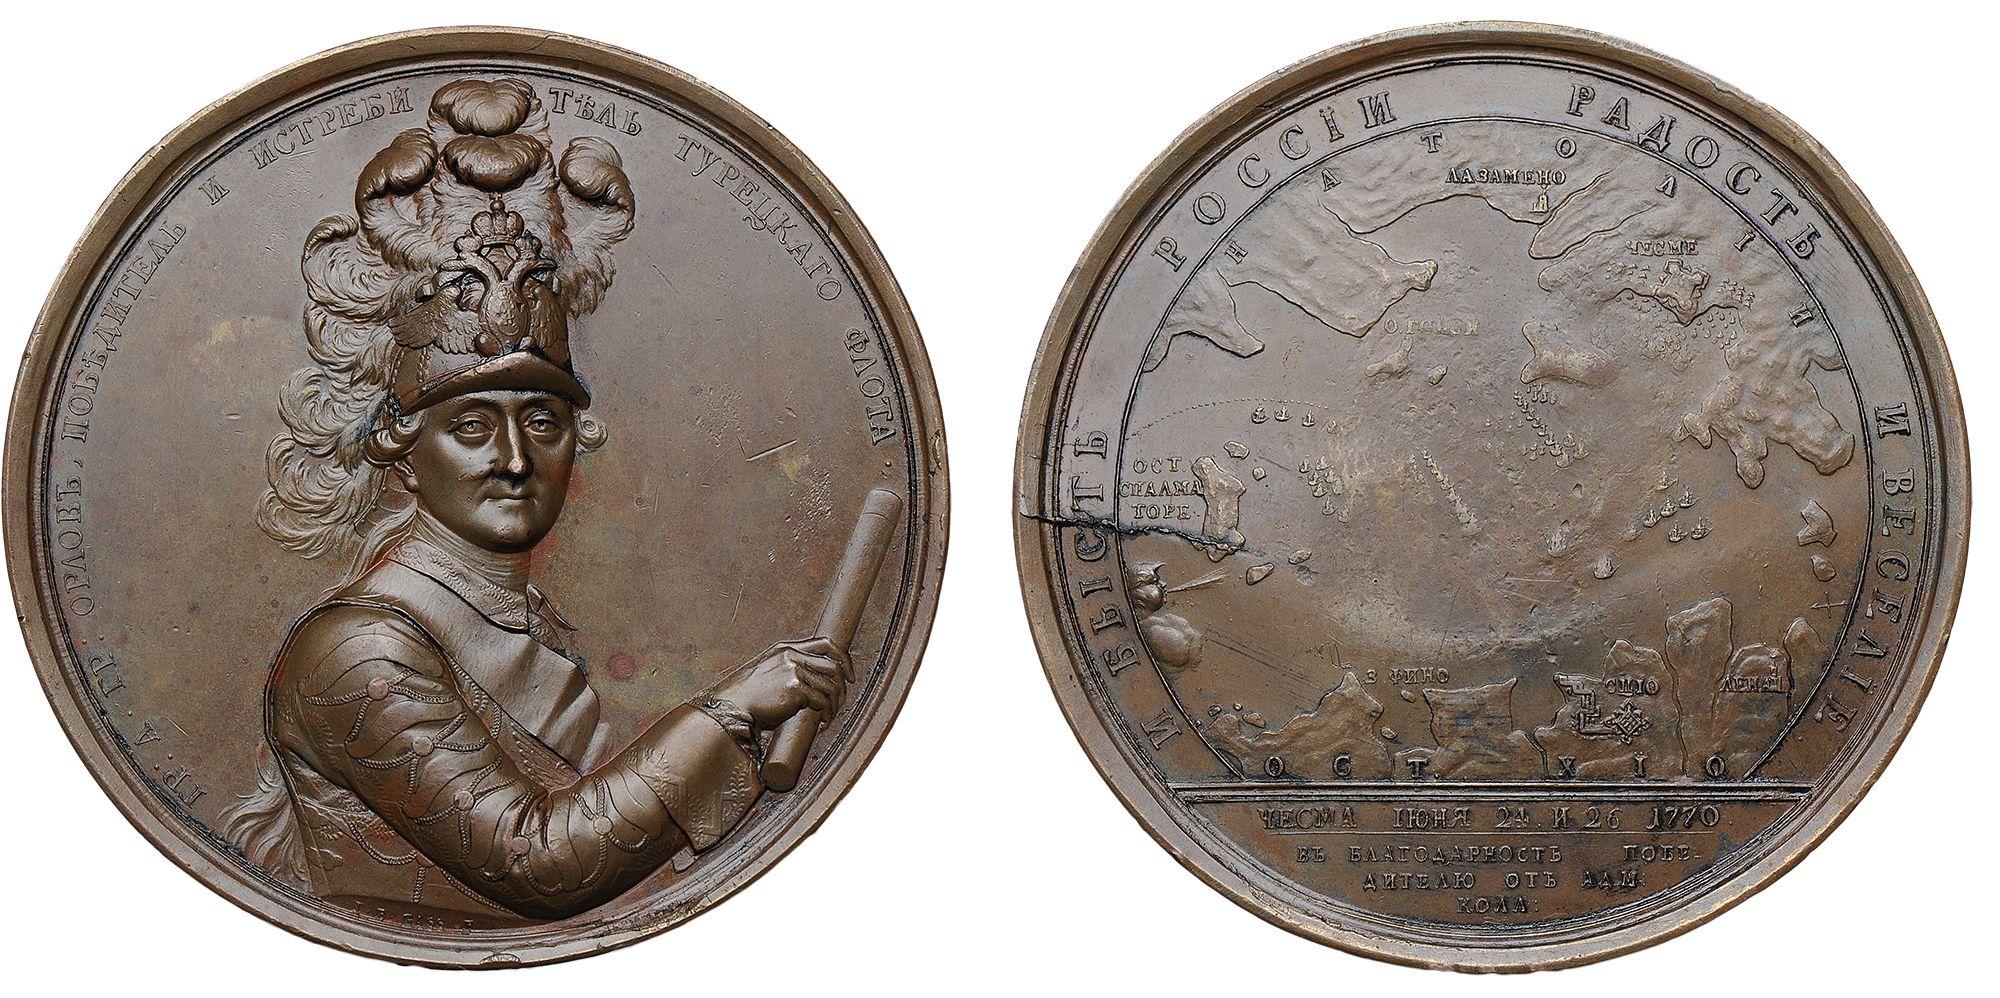 Наградная медаль «В честь Алексея Григорьевича Орлова. От Адмиралтейств — Коллегии. 1770 г.»